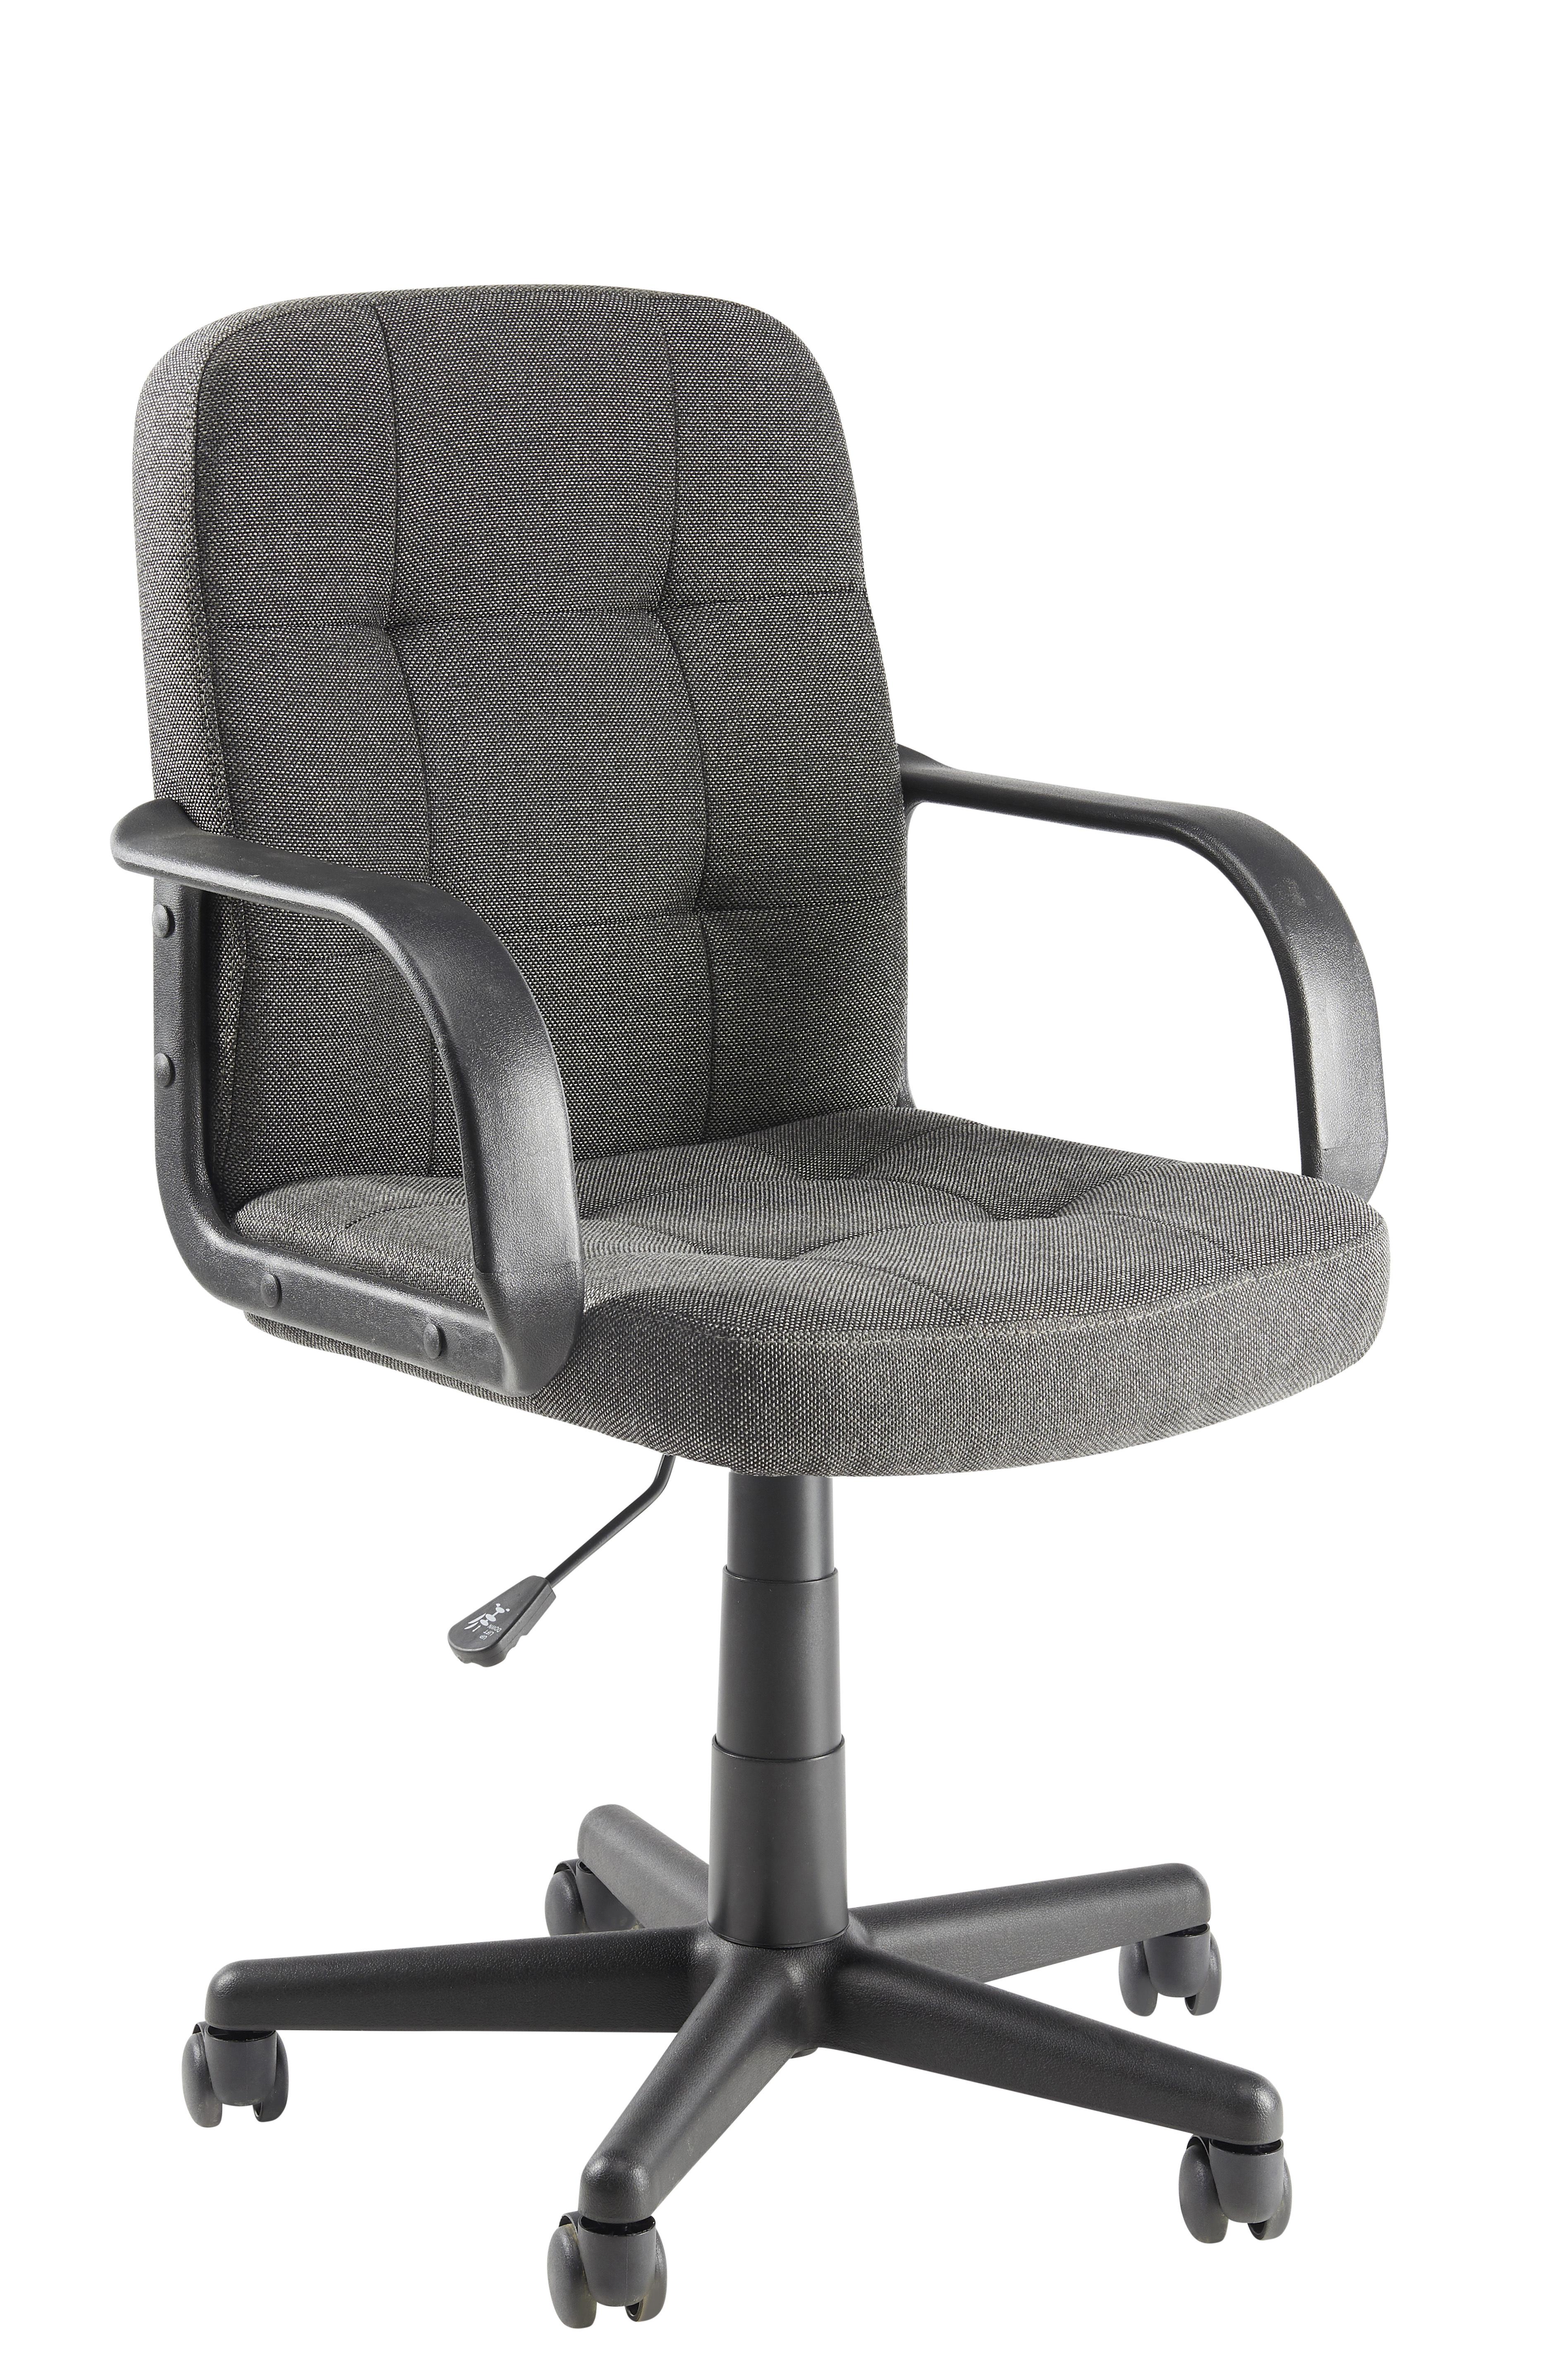 carrefour home fauteuil de bureau tissu gris pas. Black Bedroom Furniture Sets. Home Design Ideas